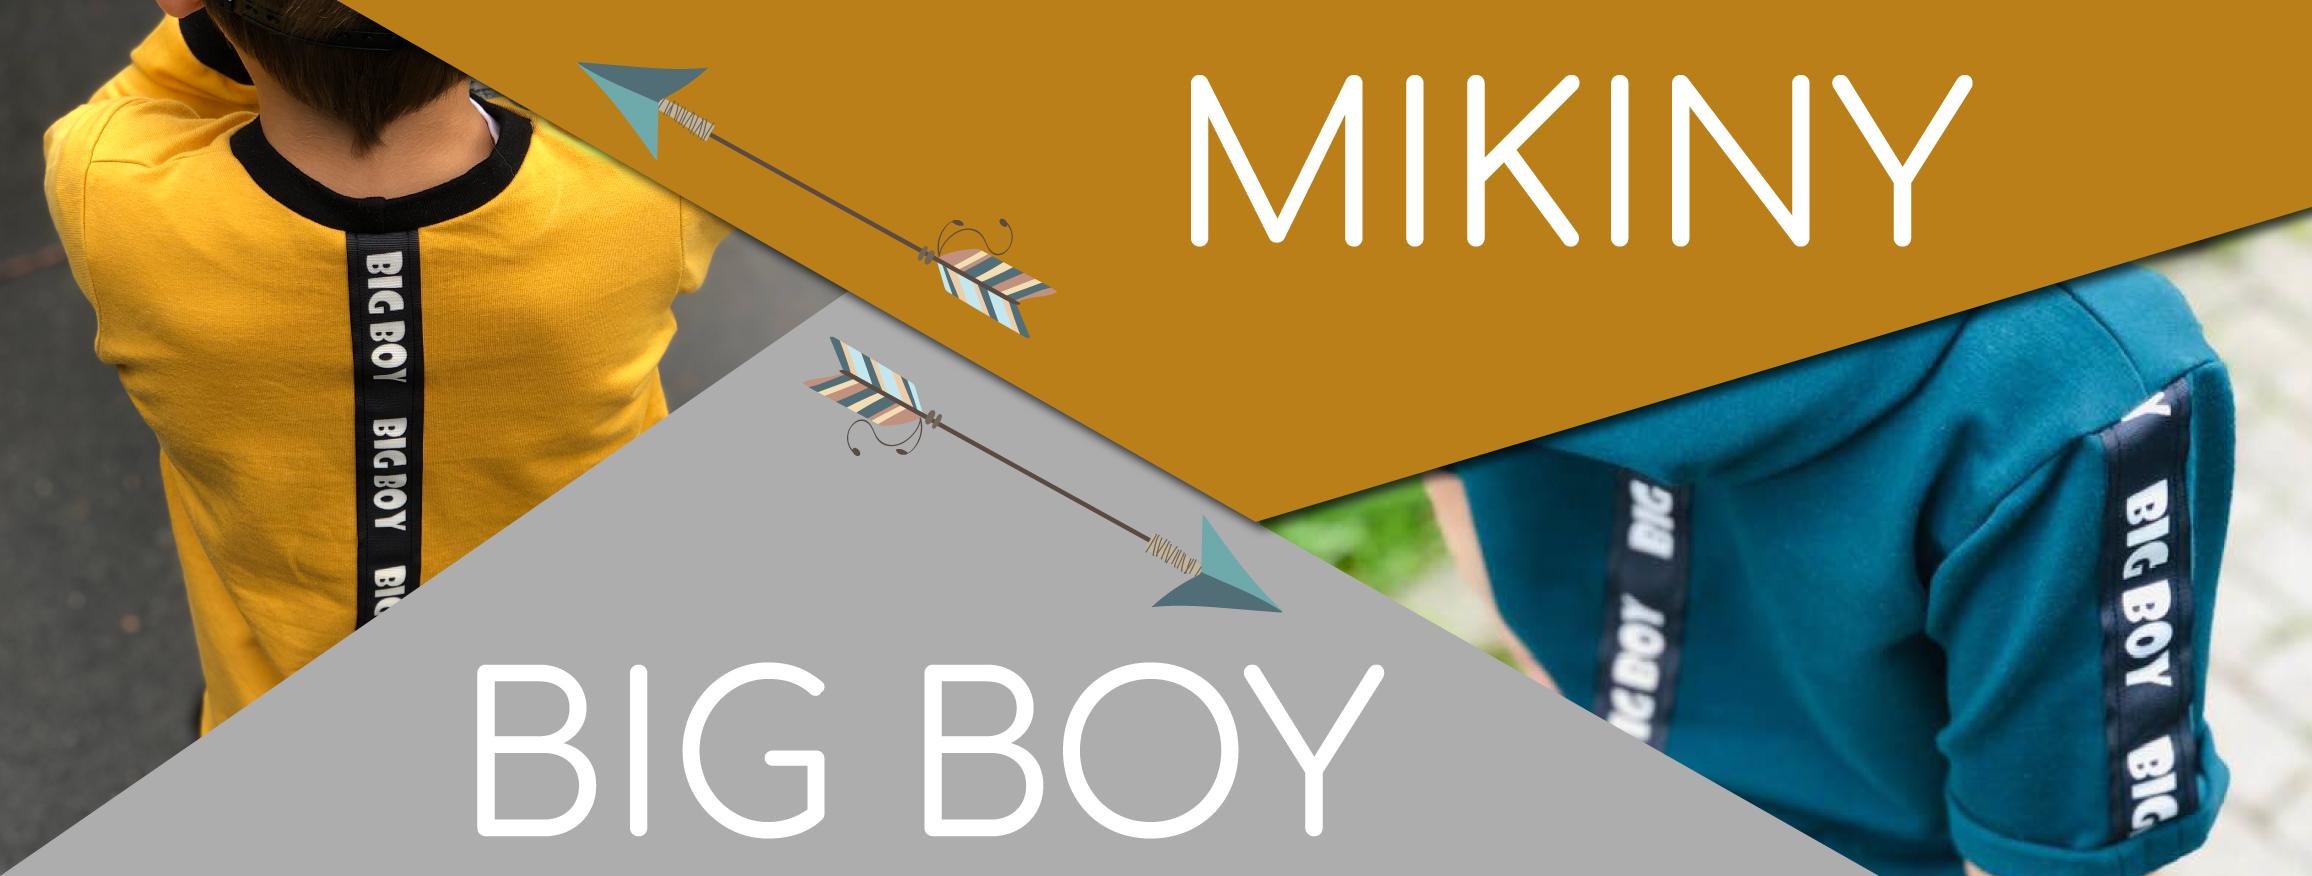 Mikiny BIG BOY